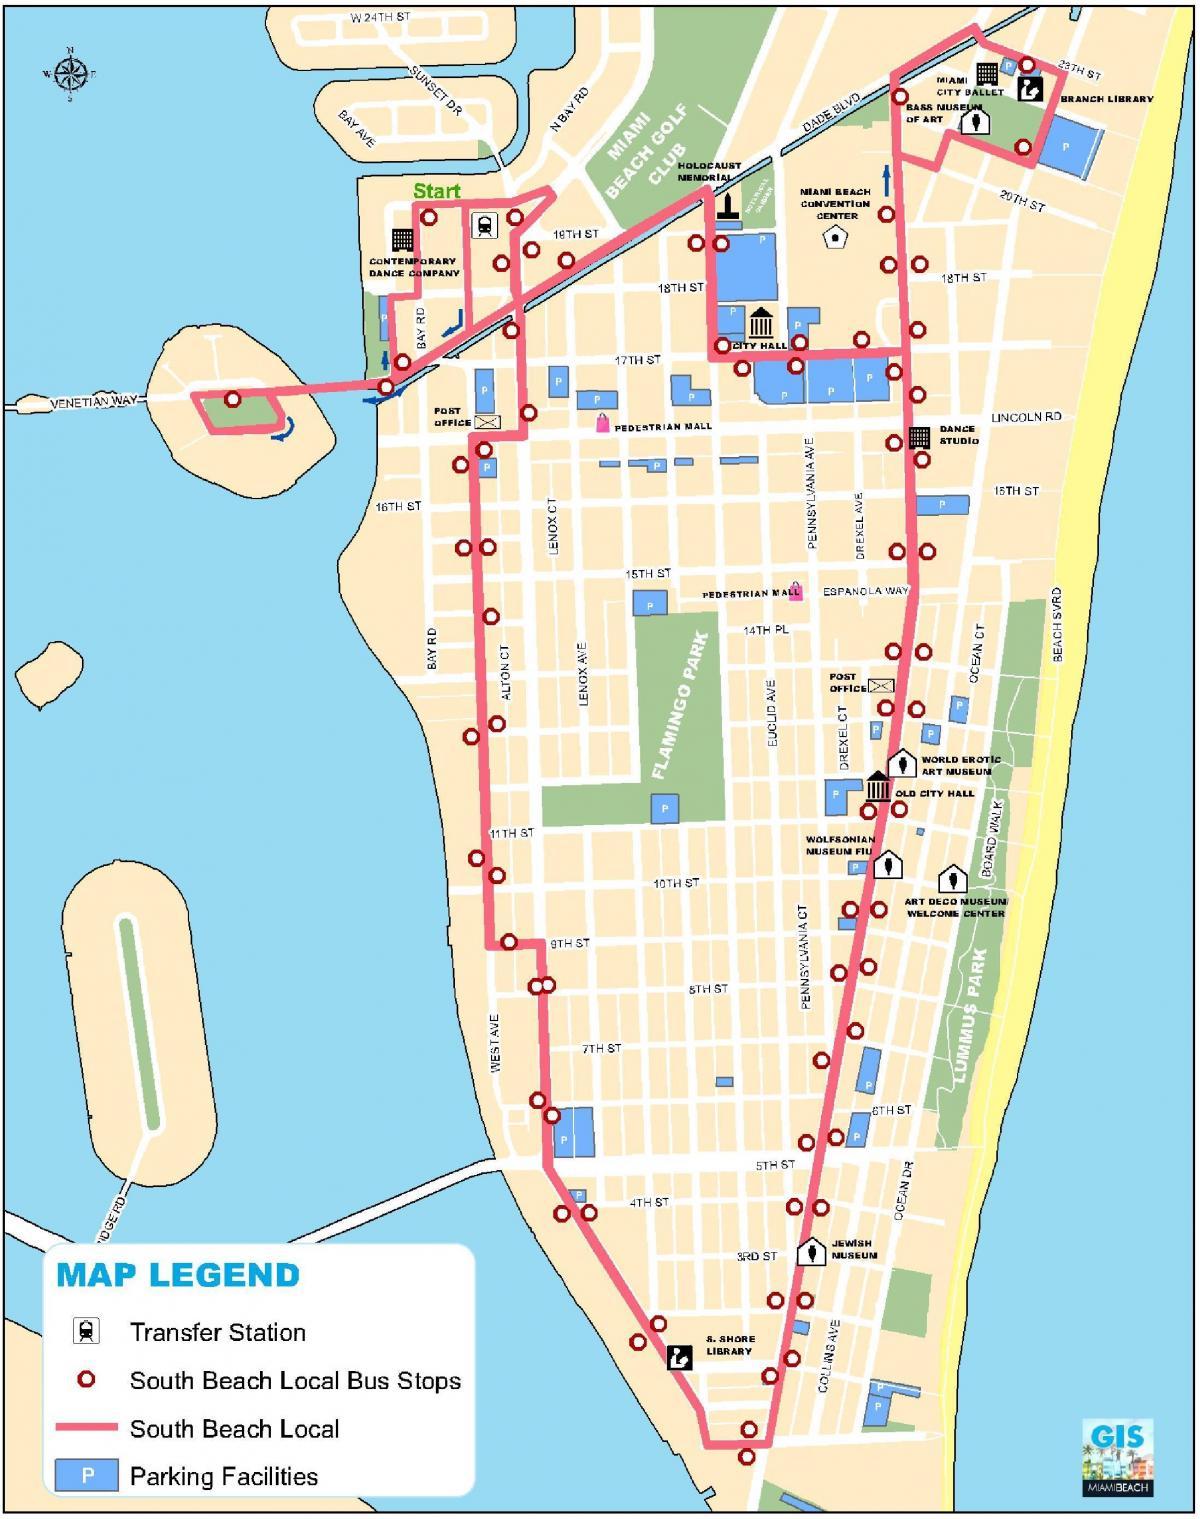 miami térkép South beach, Miami térkép   Térkép south beach, Miami (Florida USA) miami térkép